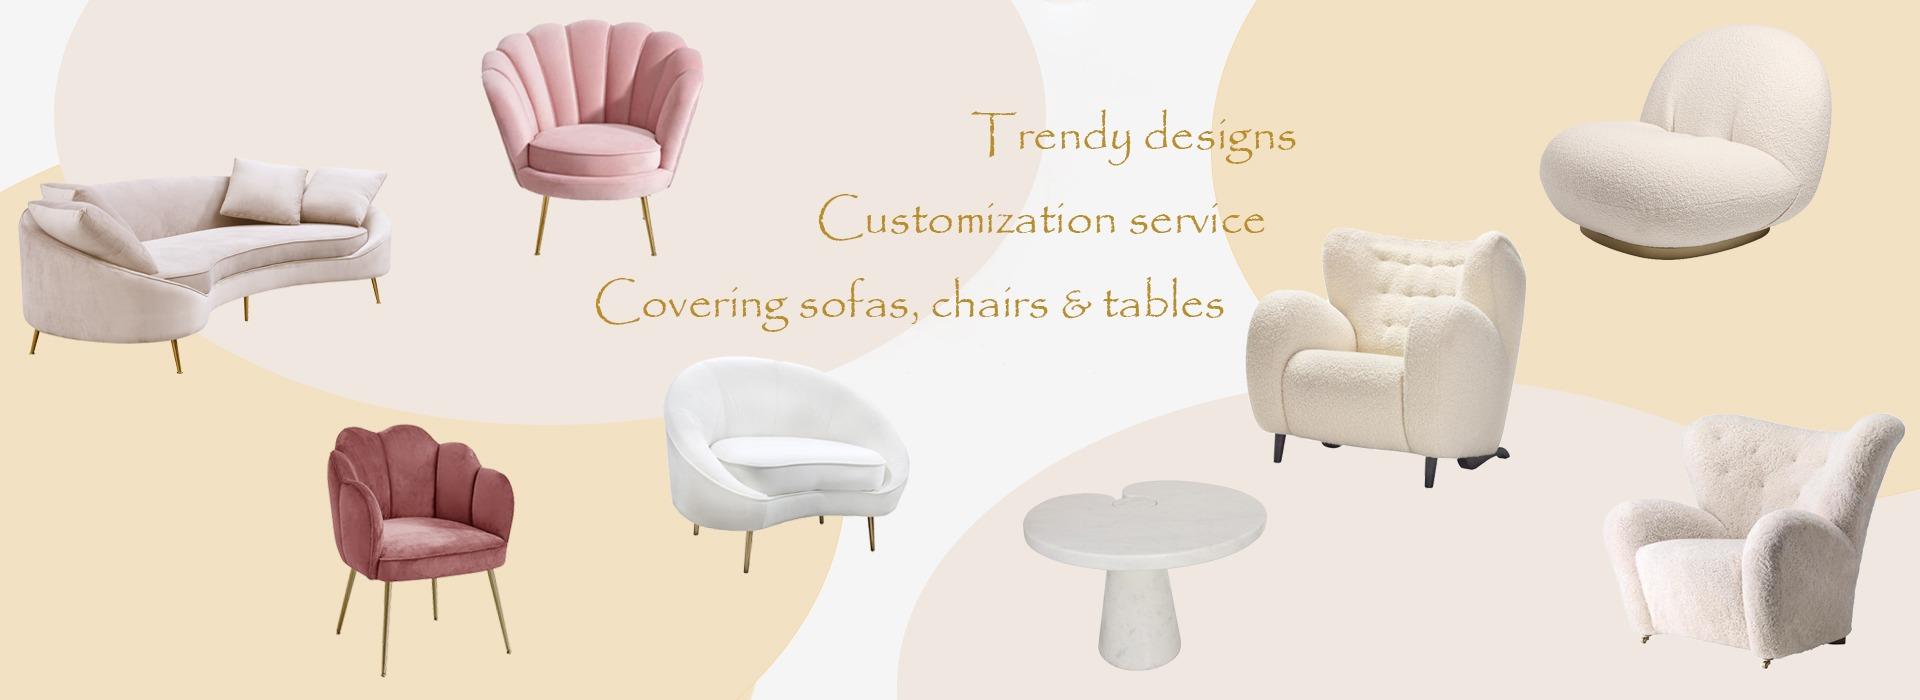 Foshan Rich Furniture Co., Ltd. - Sofas, Chairs